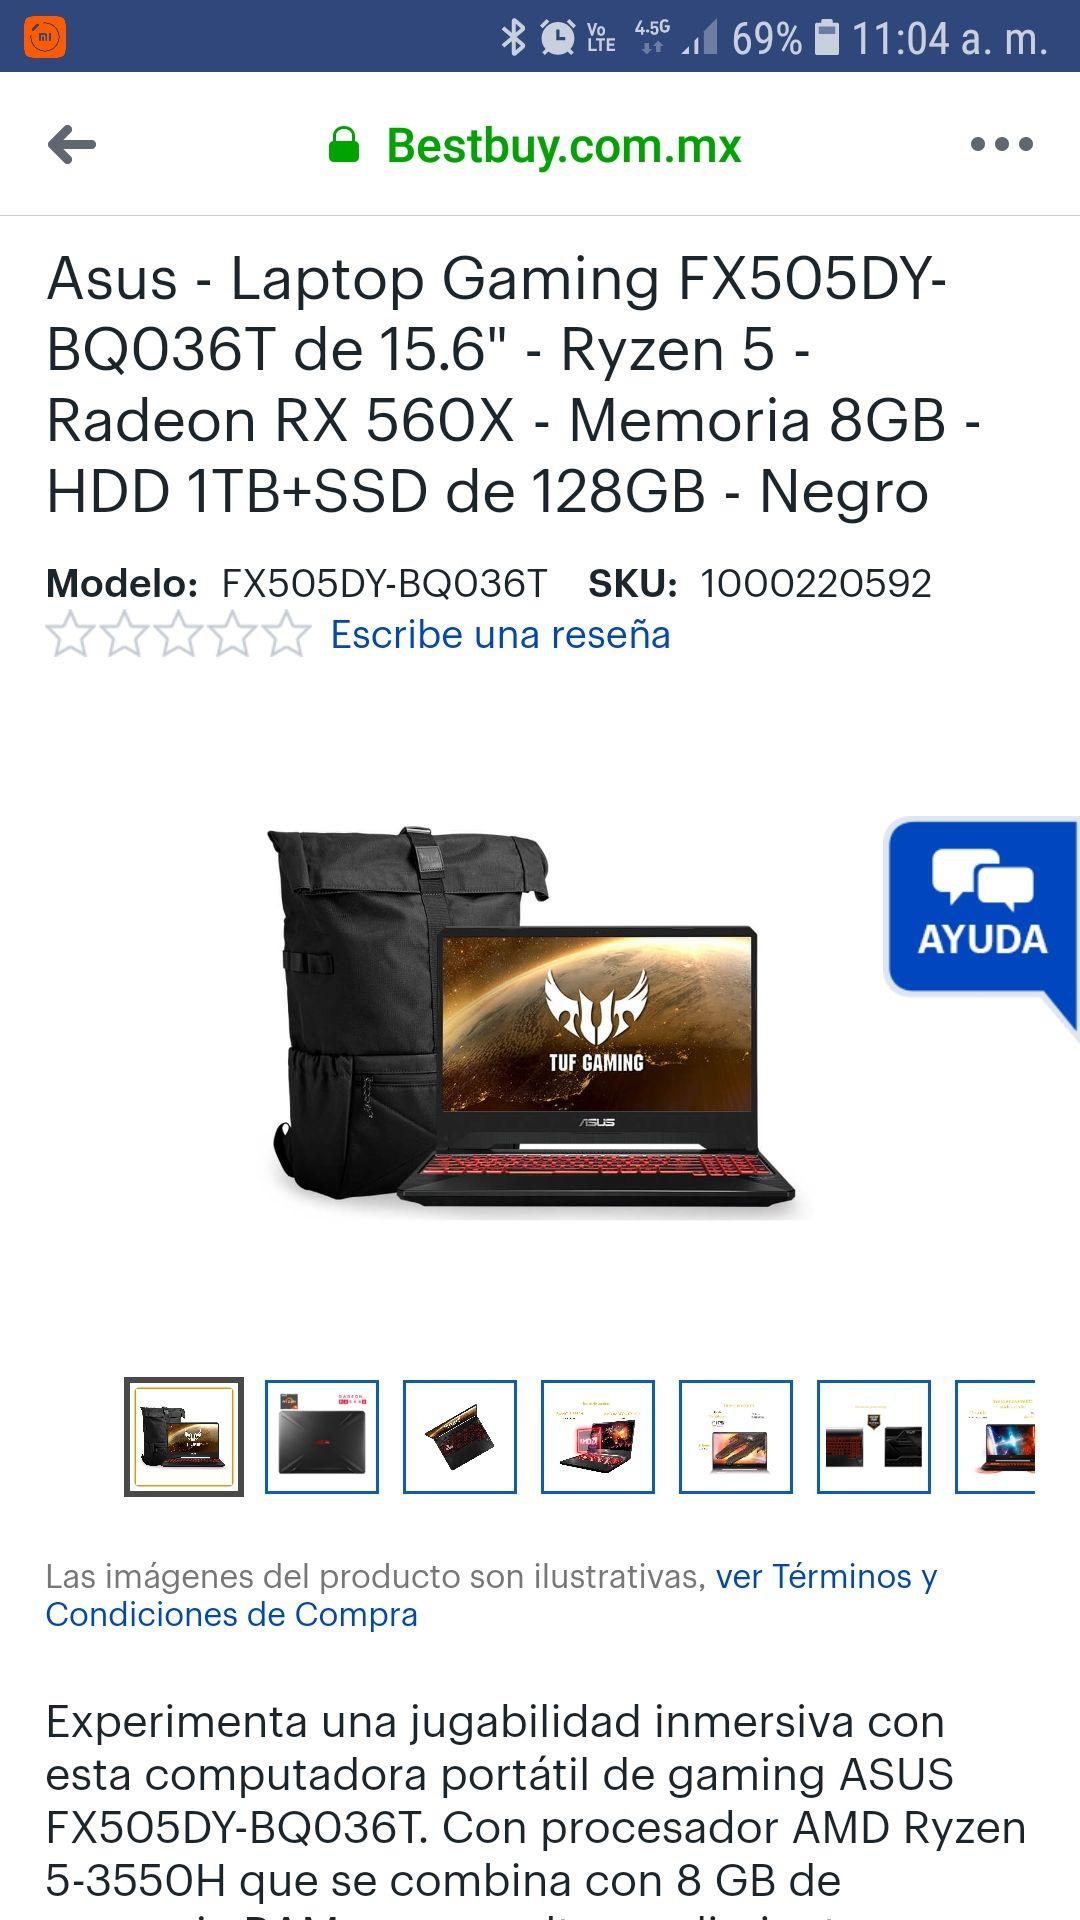 """Best Buy Asus - Laptop Gaming FX505DY-BQ036T de 15.6"""" - Ryzen 5 - Radeon RX 560X - Memoria 8GB - HDD 1TB+SSD de 128GB - Negro"""